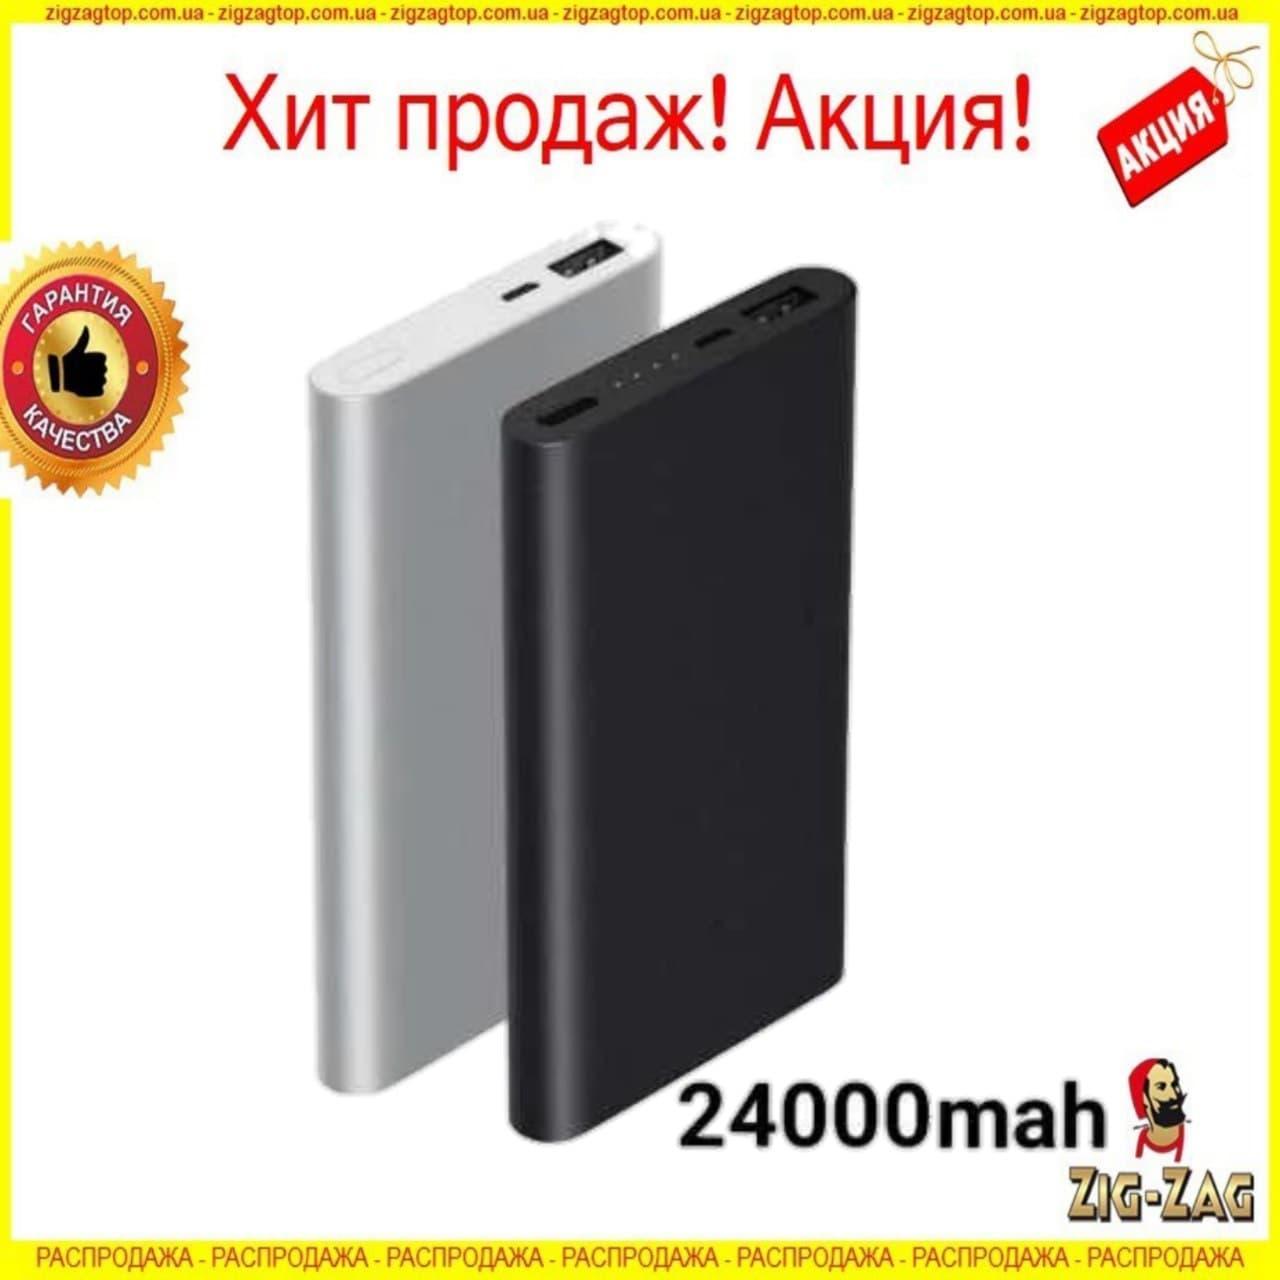 Портативный внешний Power Bank повер банк Xiaomi Slim 24000 mah mi сяоми +Фонарик! 20000 черный аккумулятор